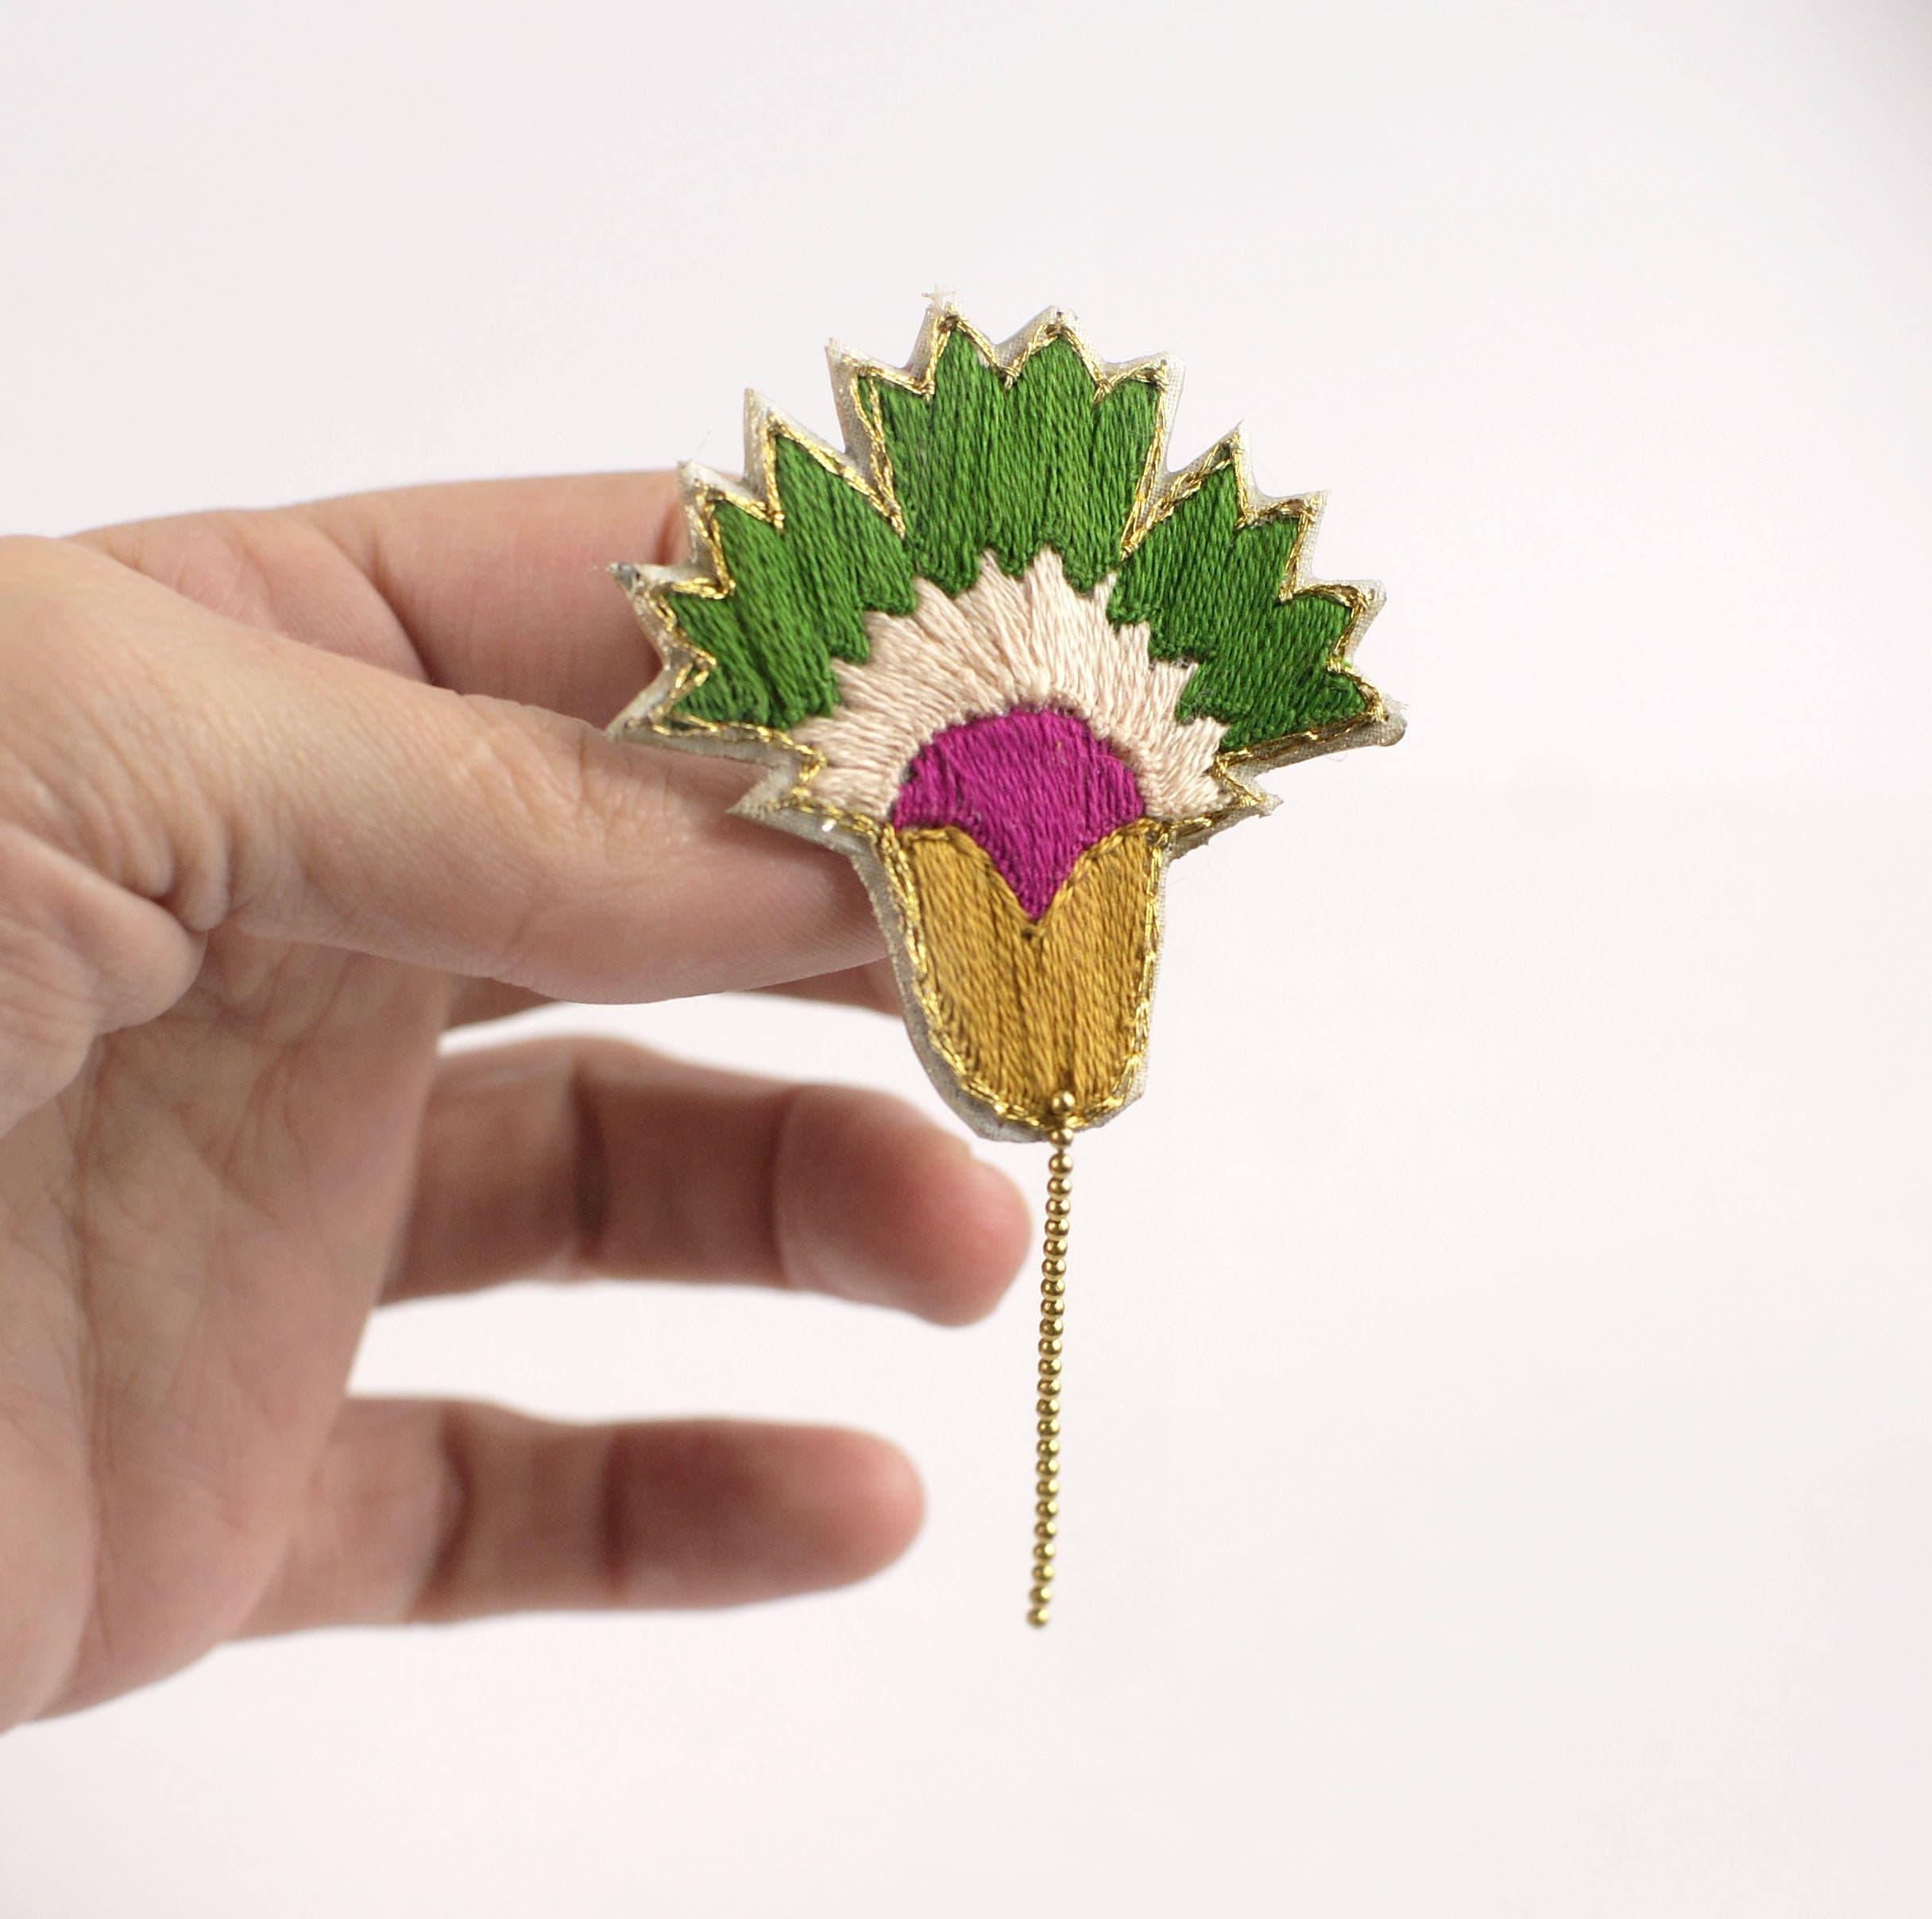 Von hand bestickt Blumen-Brosche-Anstecknadel Nelke bestickte